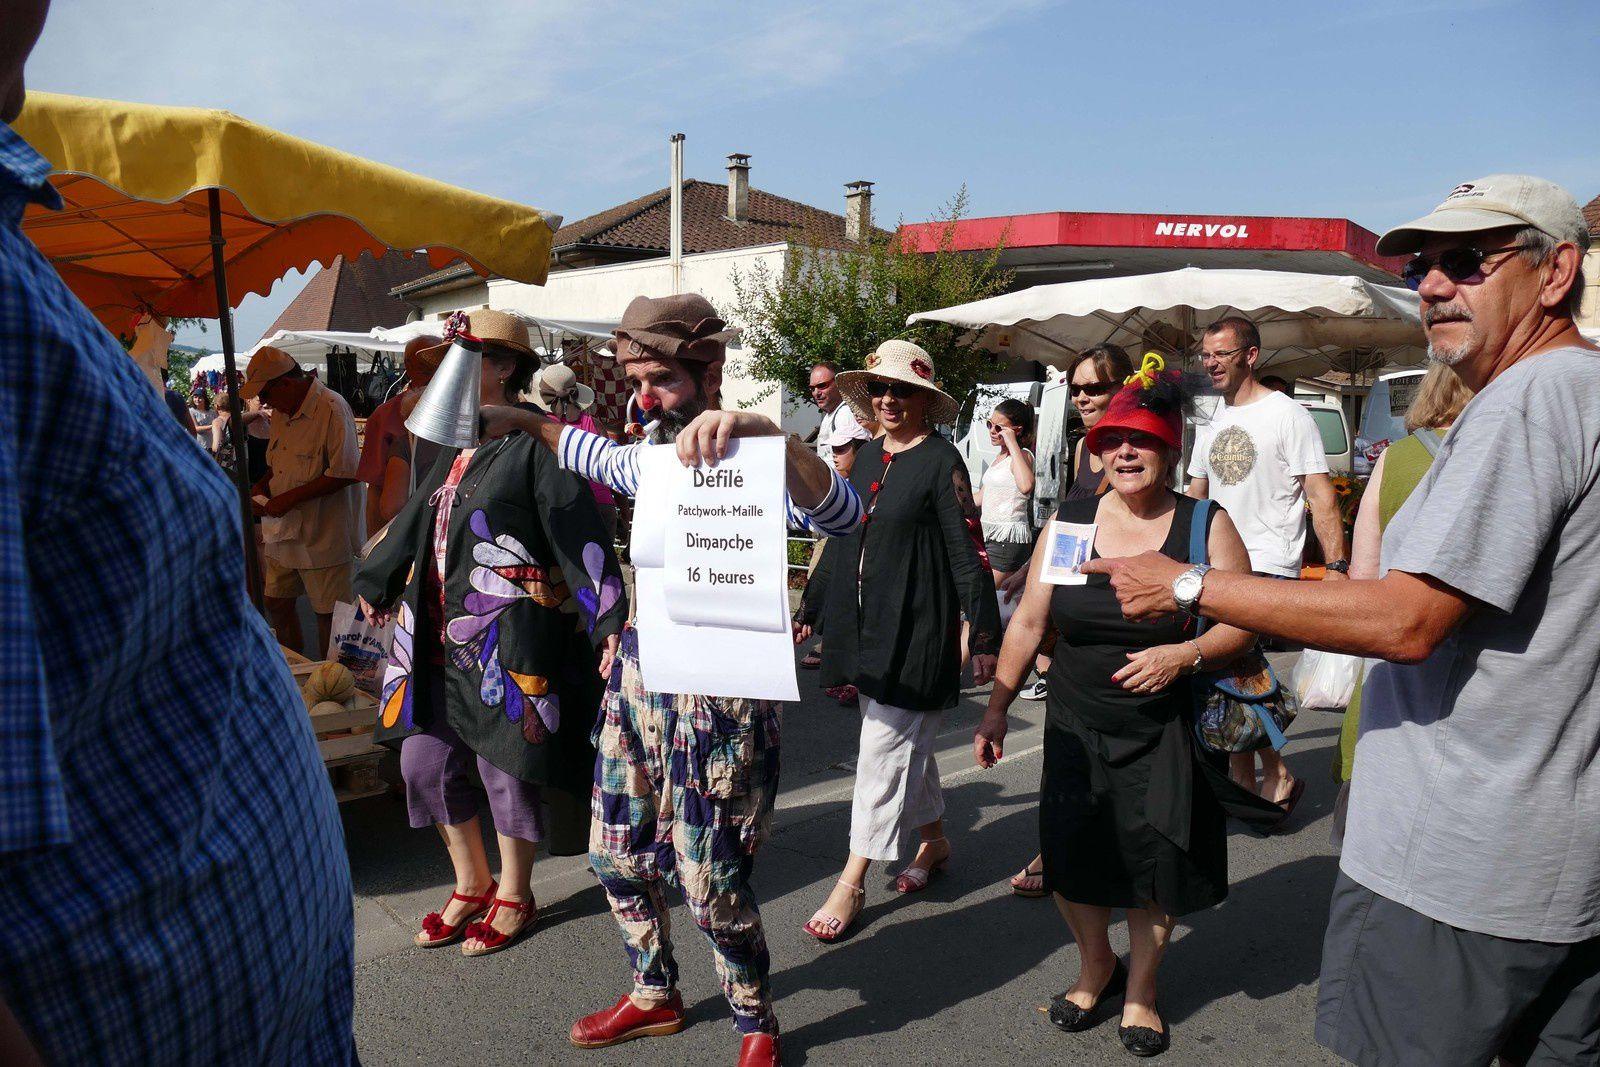 les quatre acolytes ne sont pas passés inaperçus dans le marché de St Cyprien, dimanche matin.